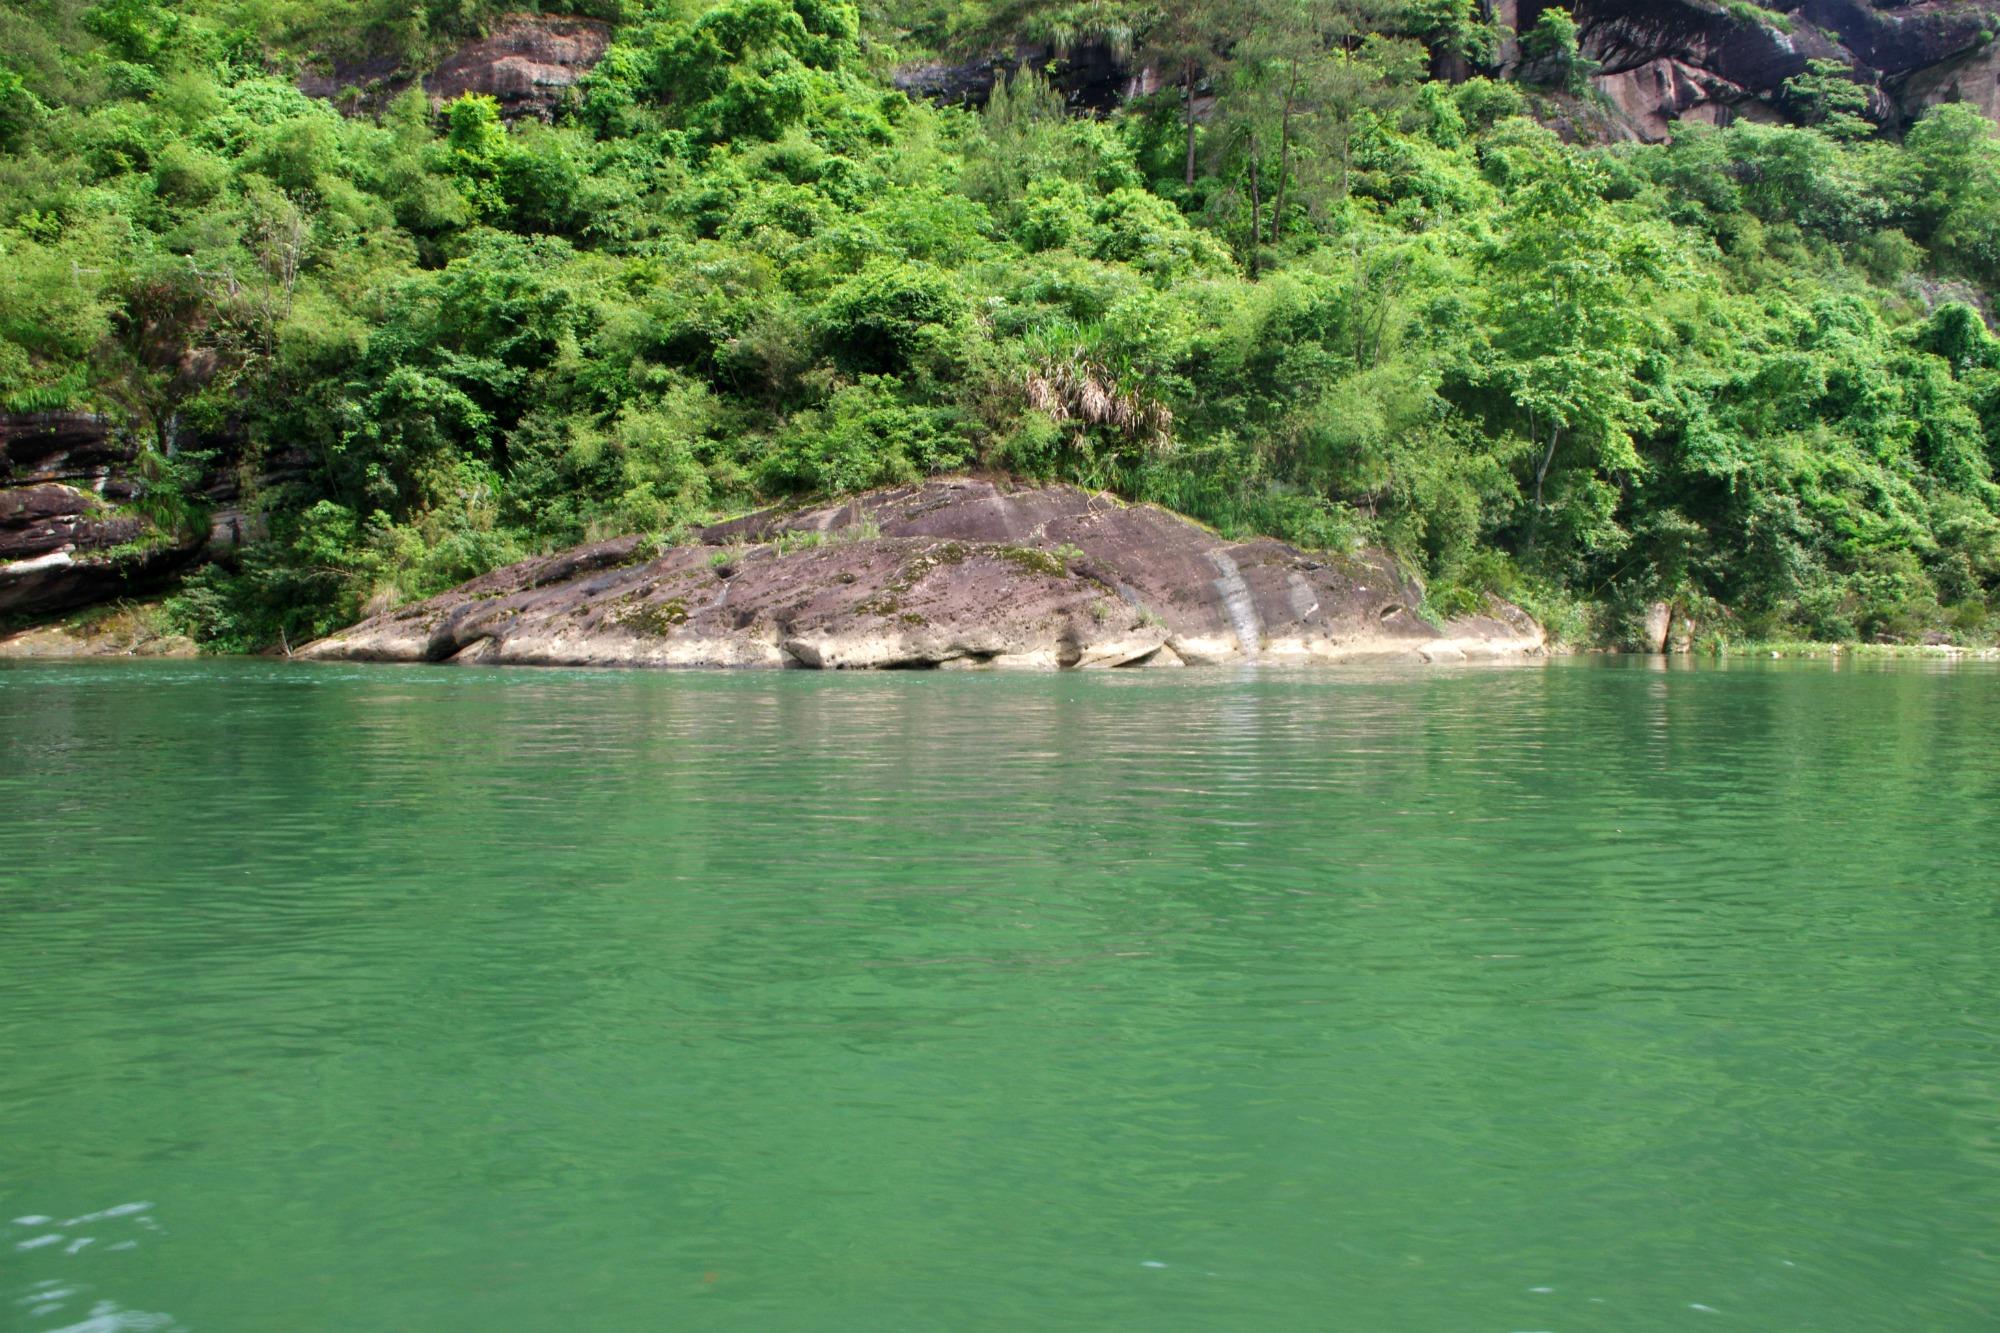 rock turtle